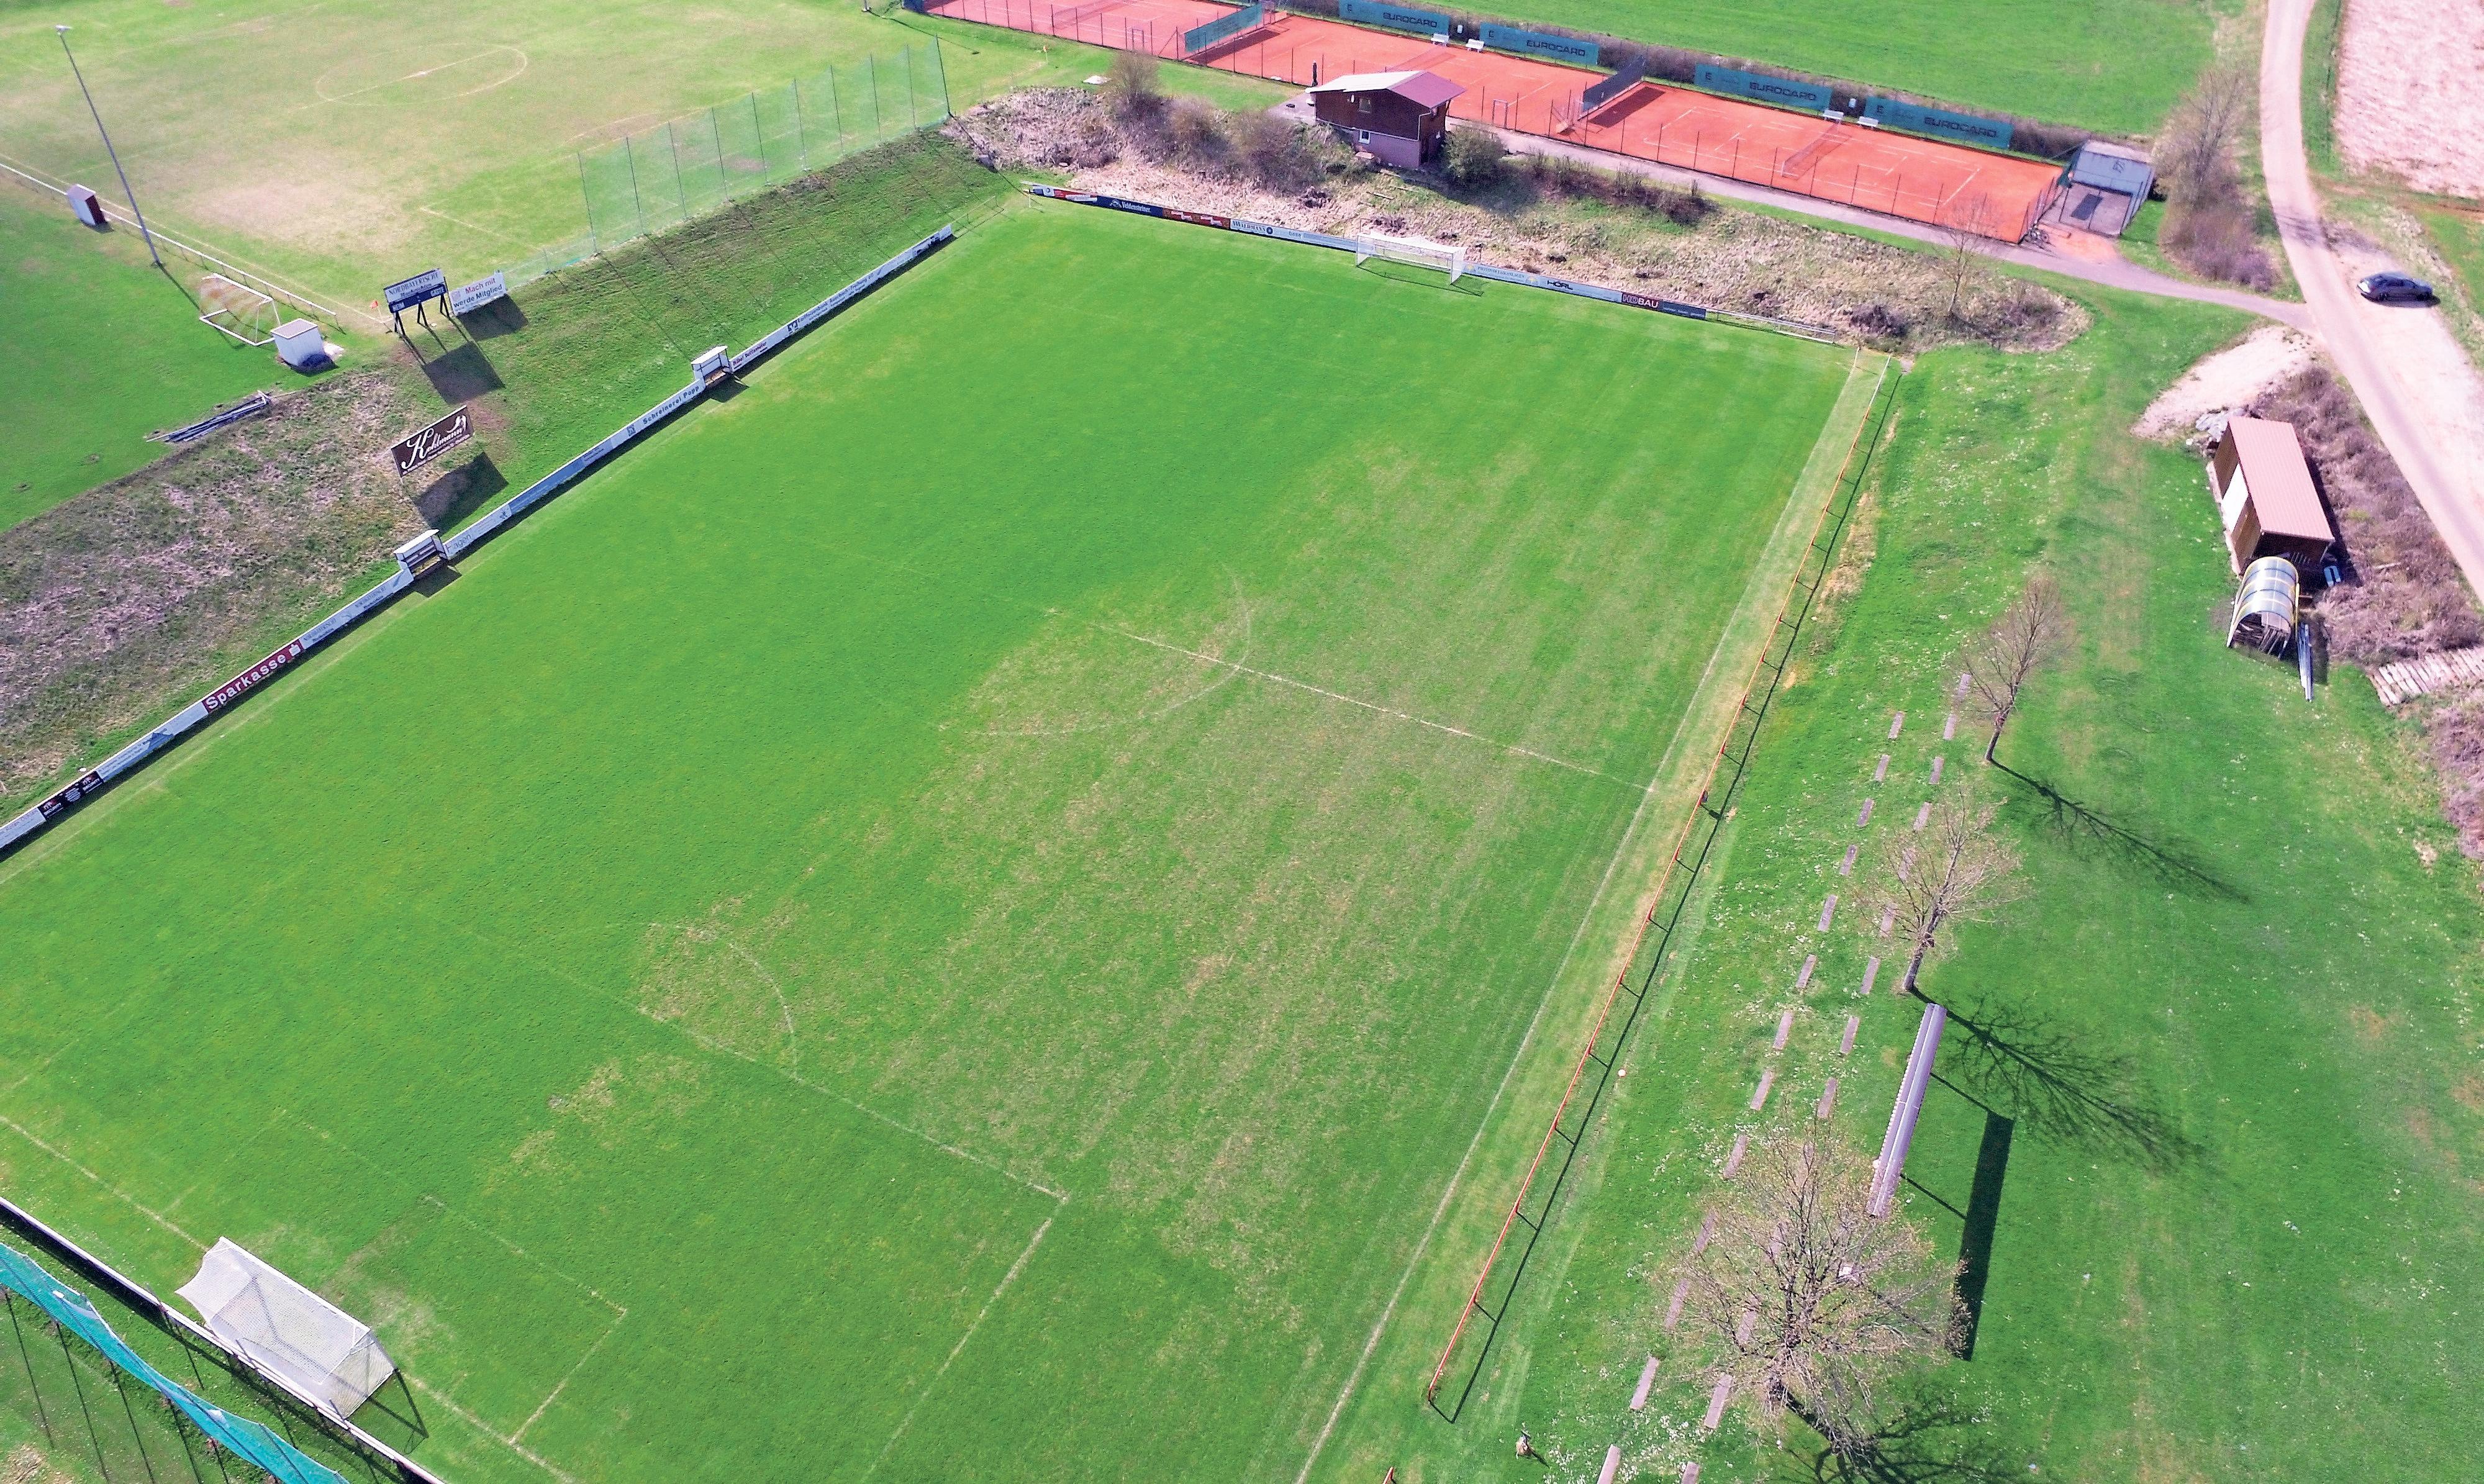 Das Sportgelände des FC Troschenreuth aus der Luft. Hier wird am Wochenende die Pegnitzer Fußball-Stadtmeisterschaft der Herren ausgetragen. Foto: Julian Haberberger